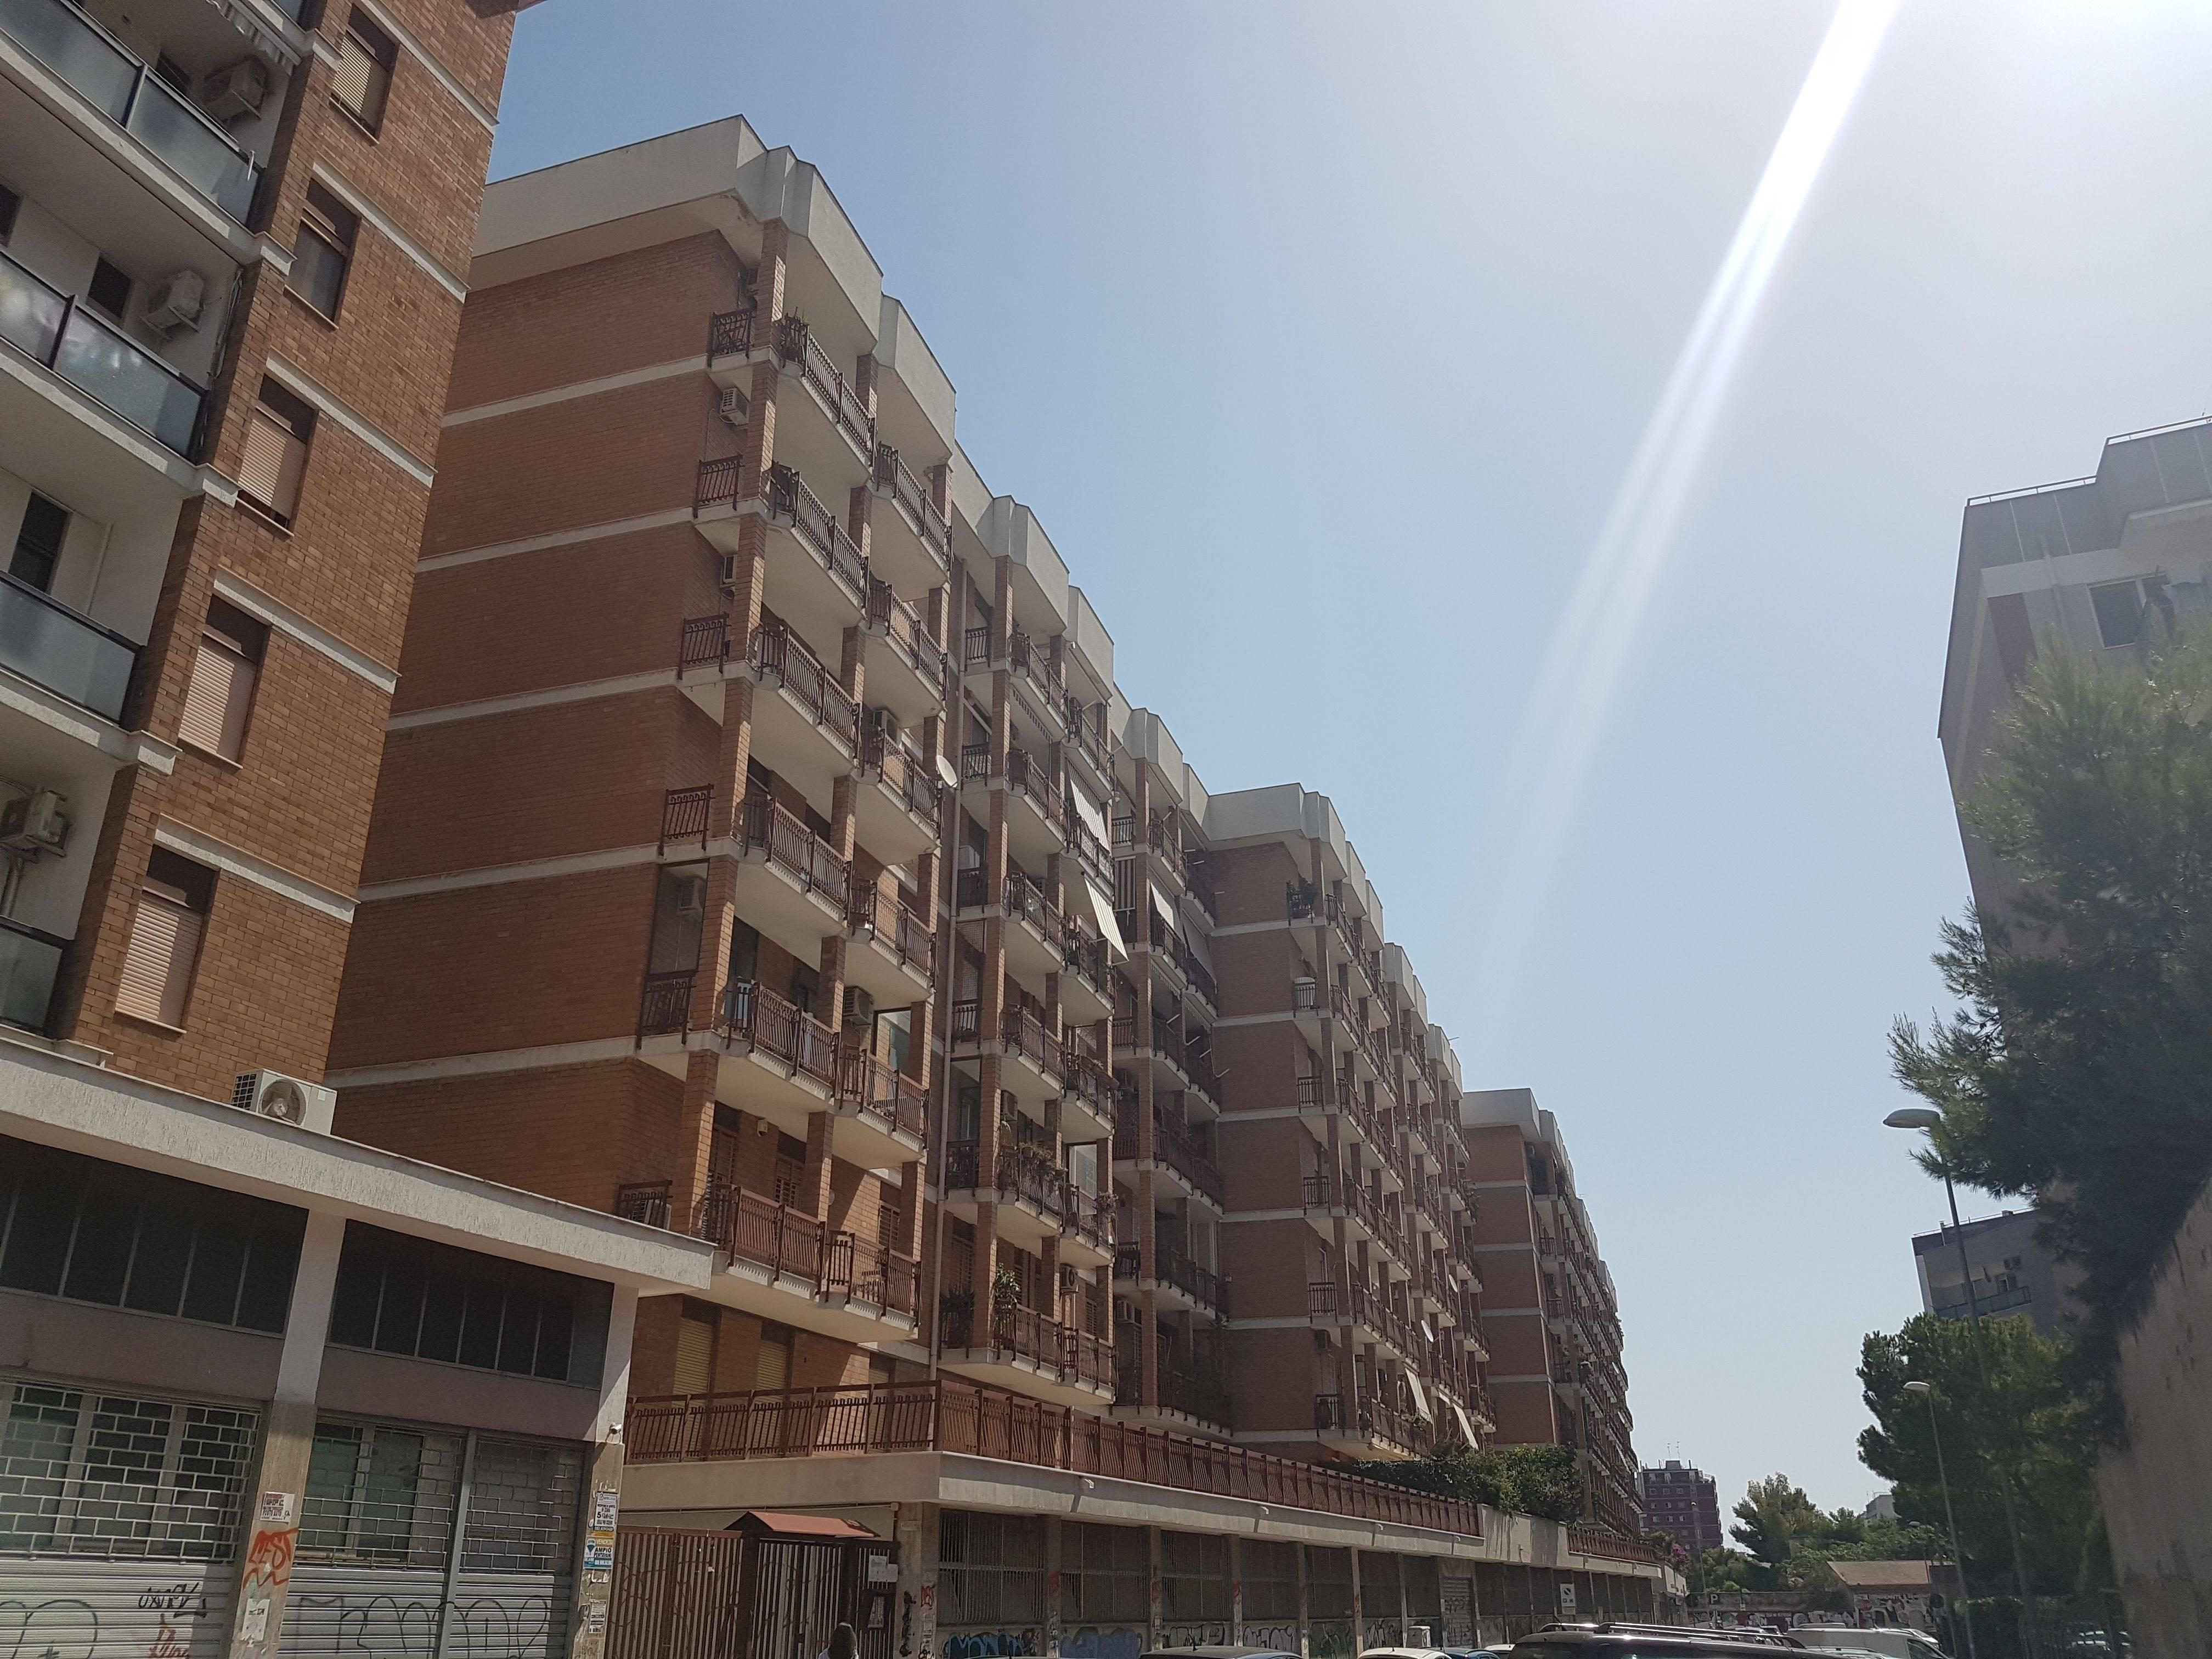 Ufficio uso ufficio in affitto a Bari